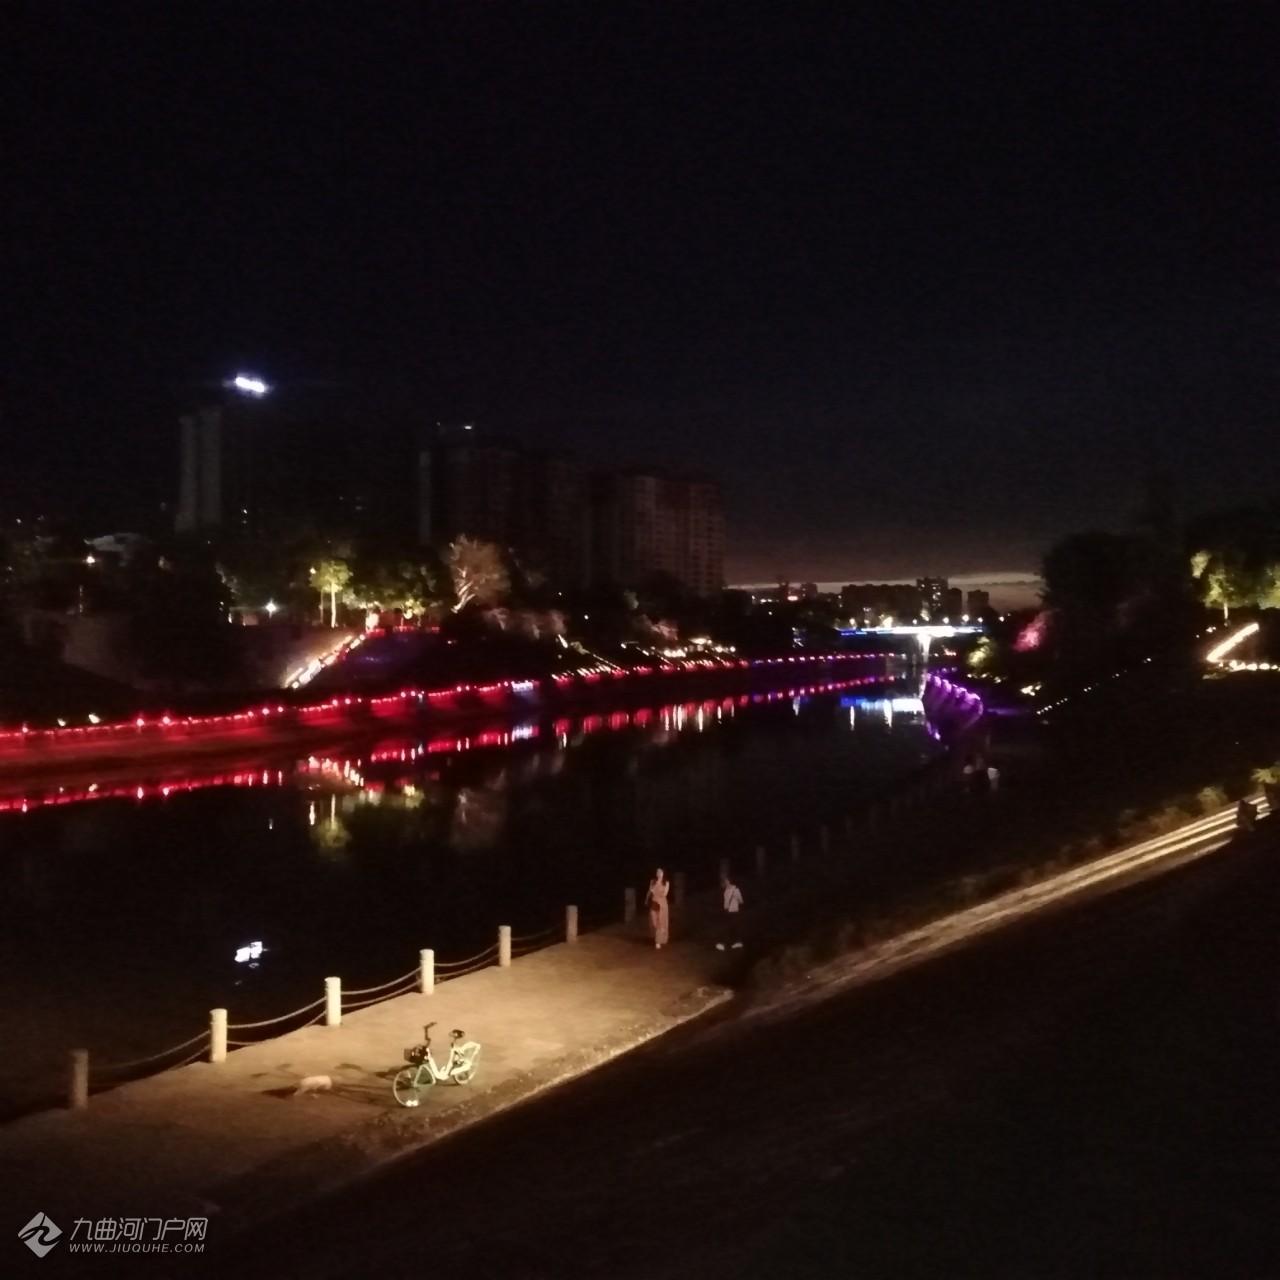 九曲河的三角梅争先恐后的开了,展示给雁城市民完美的一面!